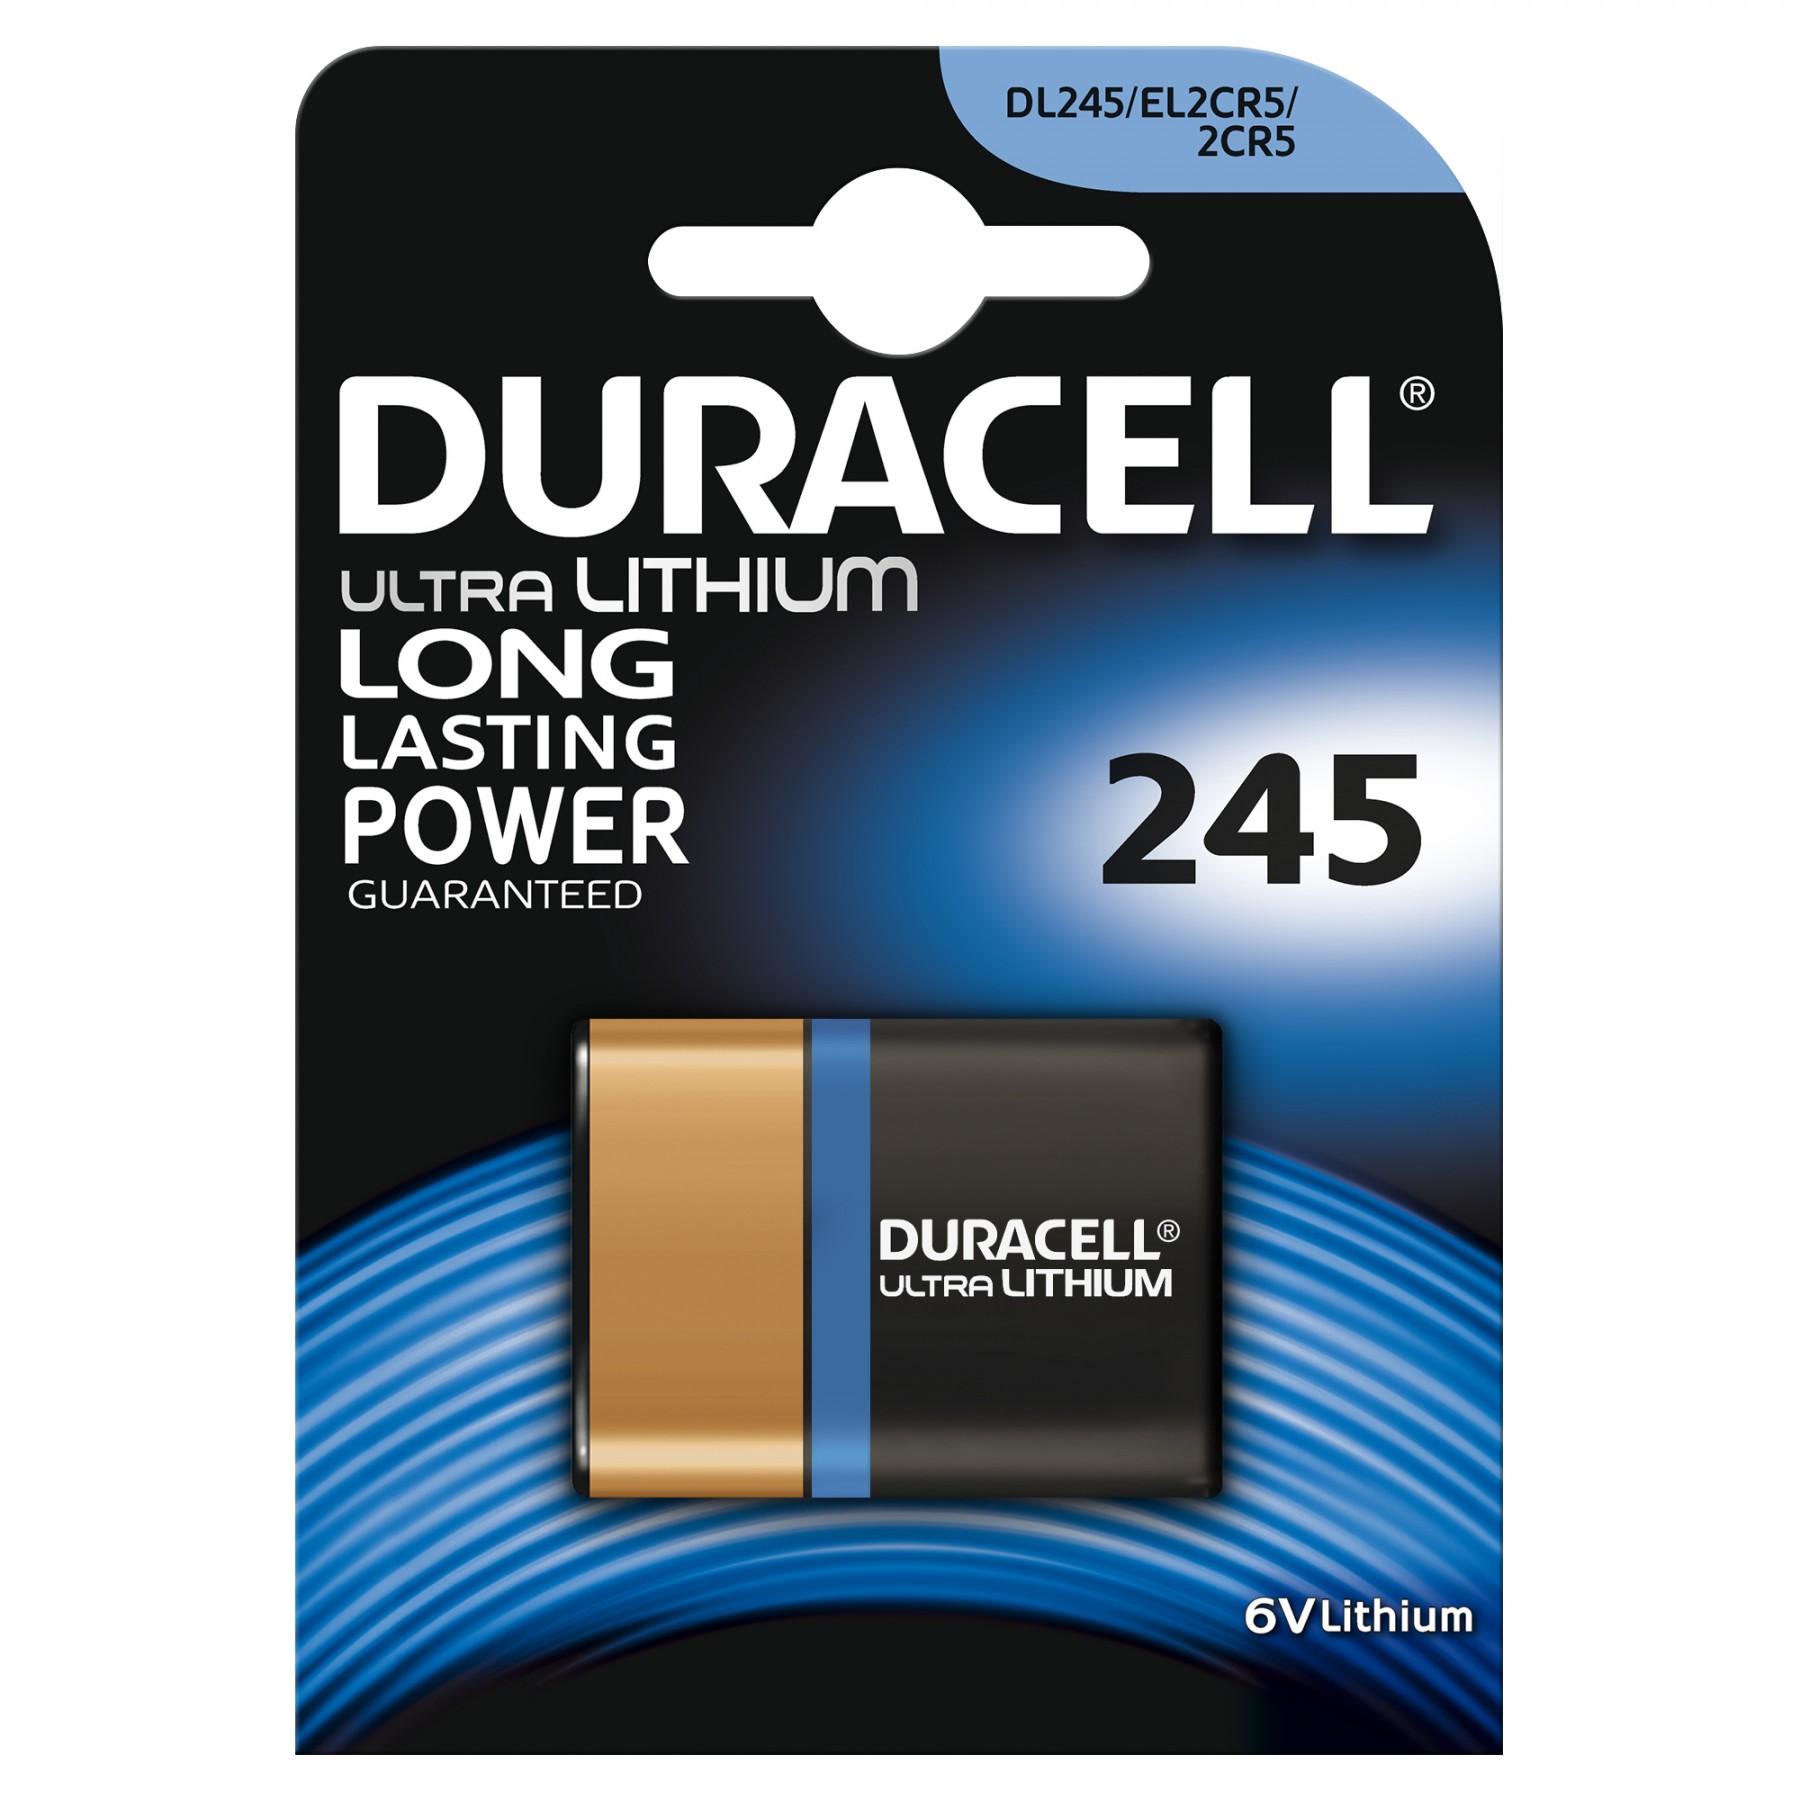 DL245 Duracell Ultra BL1